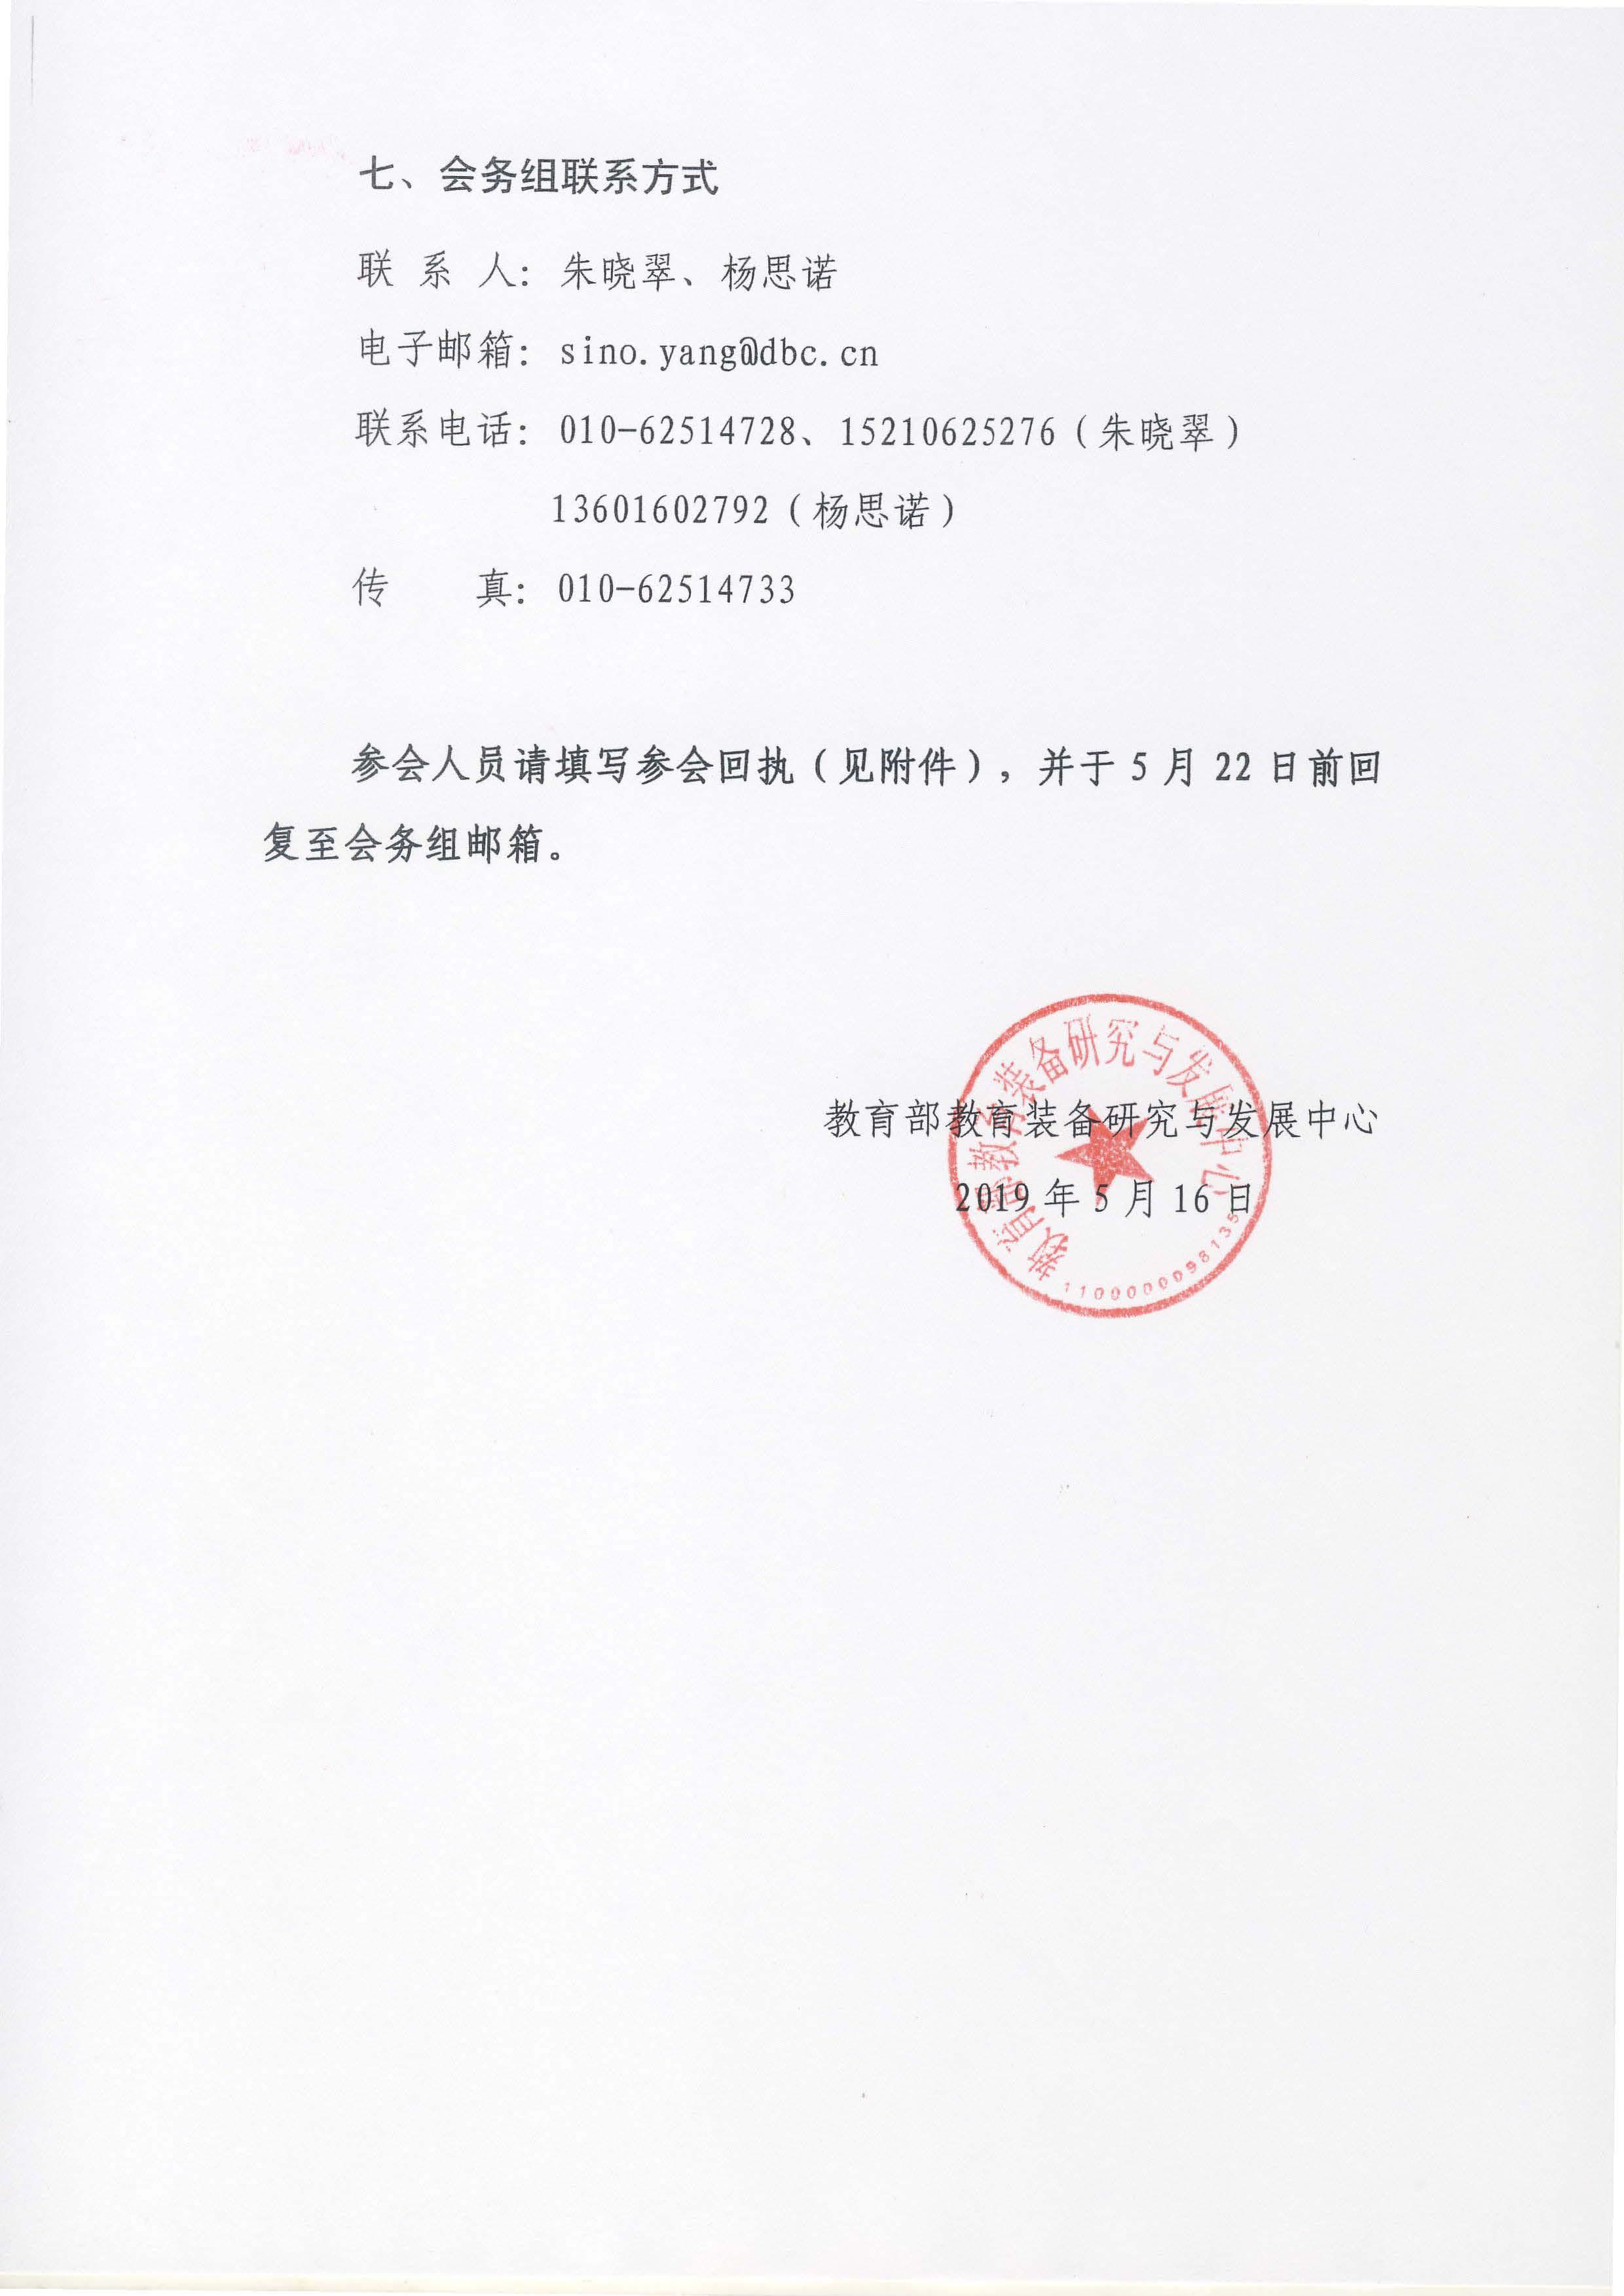 教育部裝備中心會議通知:25號上海_頁面_3